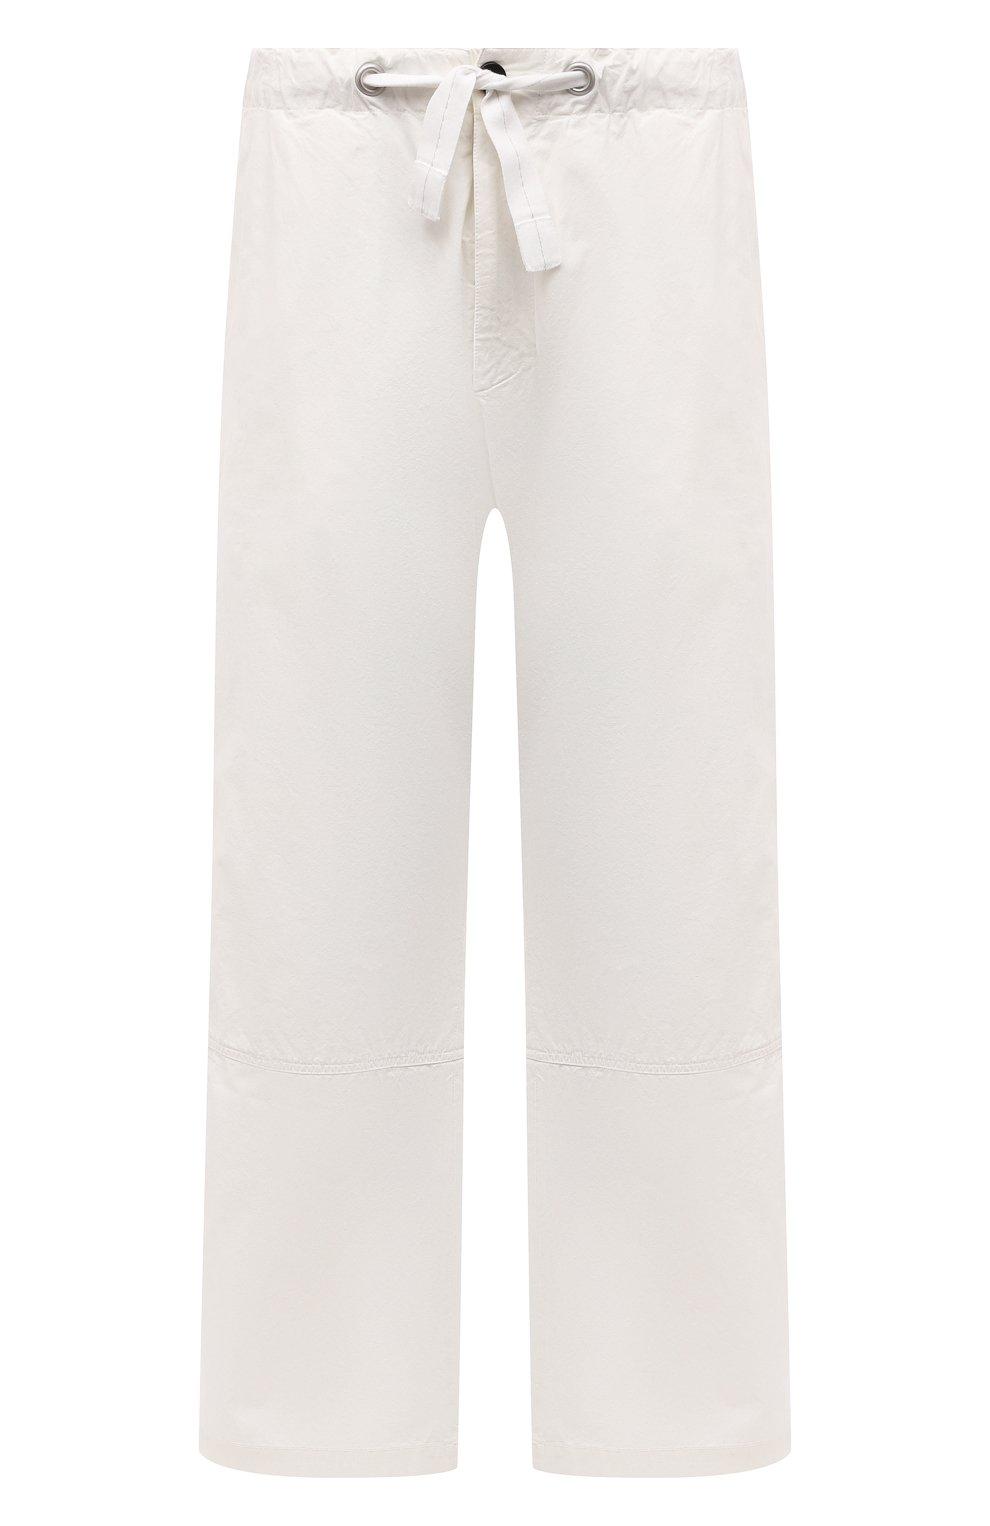 Мужские хлопковые брюки OAMC белого цвета, арт. 0AMS310833 0S240700   Фото 1 (Длина (брюки, джинсы): Стандартные; Случай: Повседневный; Материал внешний: Хлопок; Стили: Минимализм; Материал подклада: Хлопок)